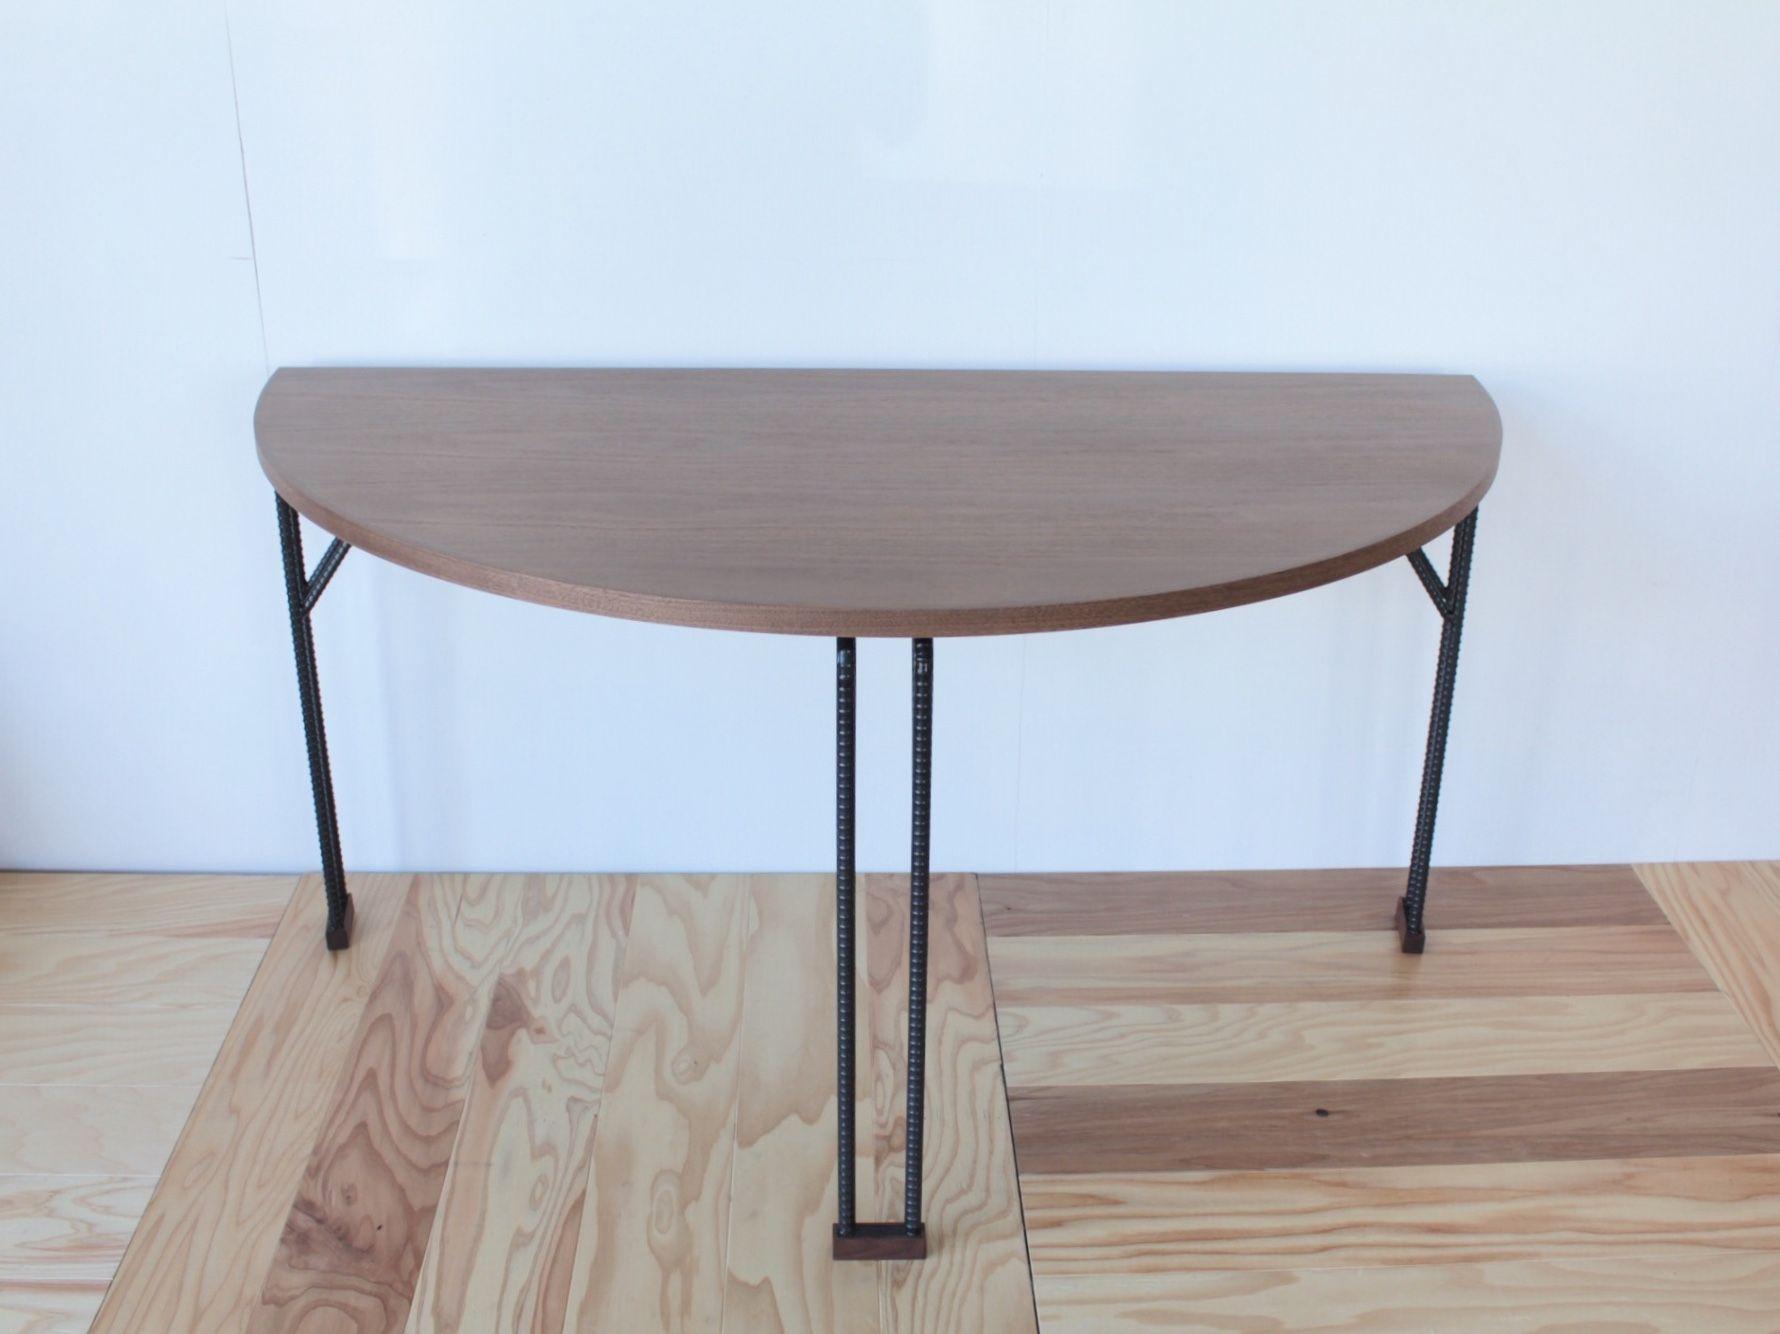 重厚感溢れるウォールナットの天板に華奢なアイアンの脚を合わせたオーダメイド半円テーブル